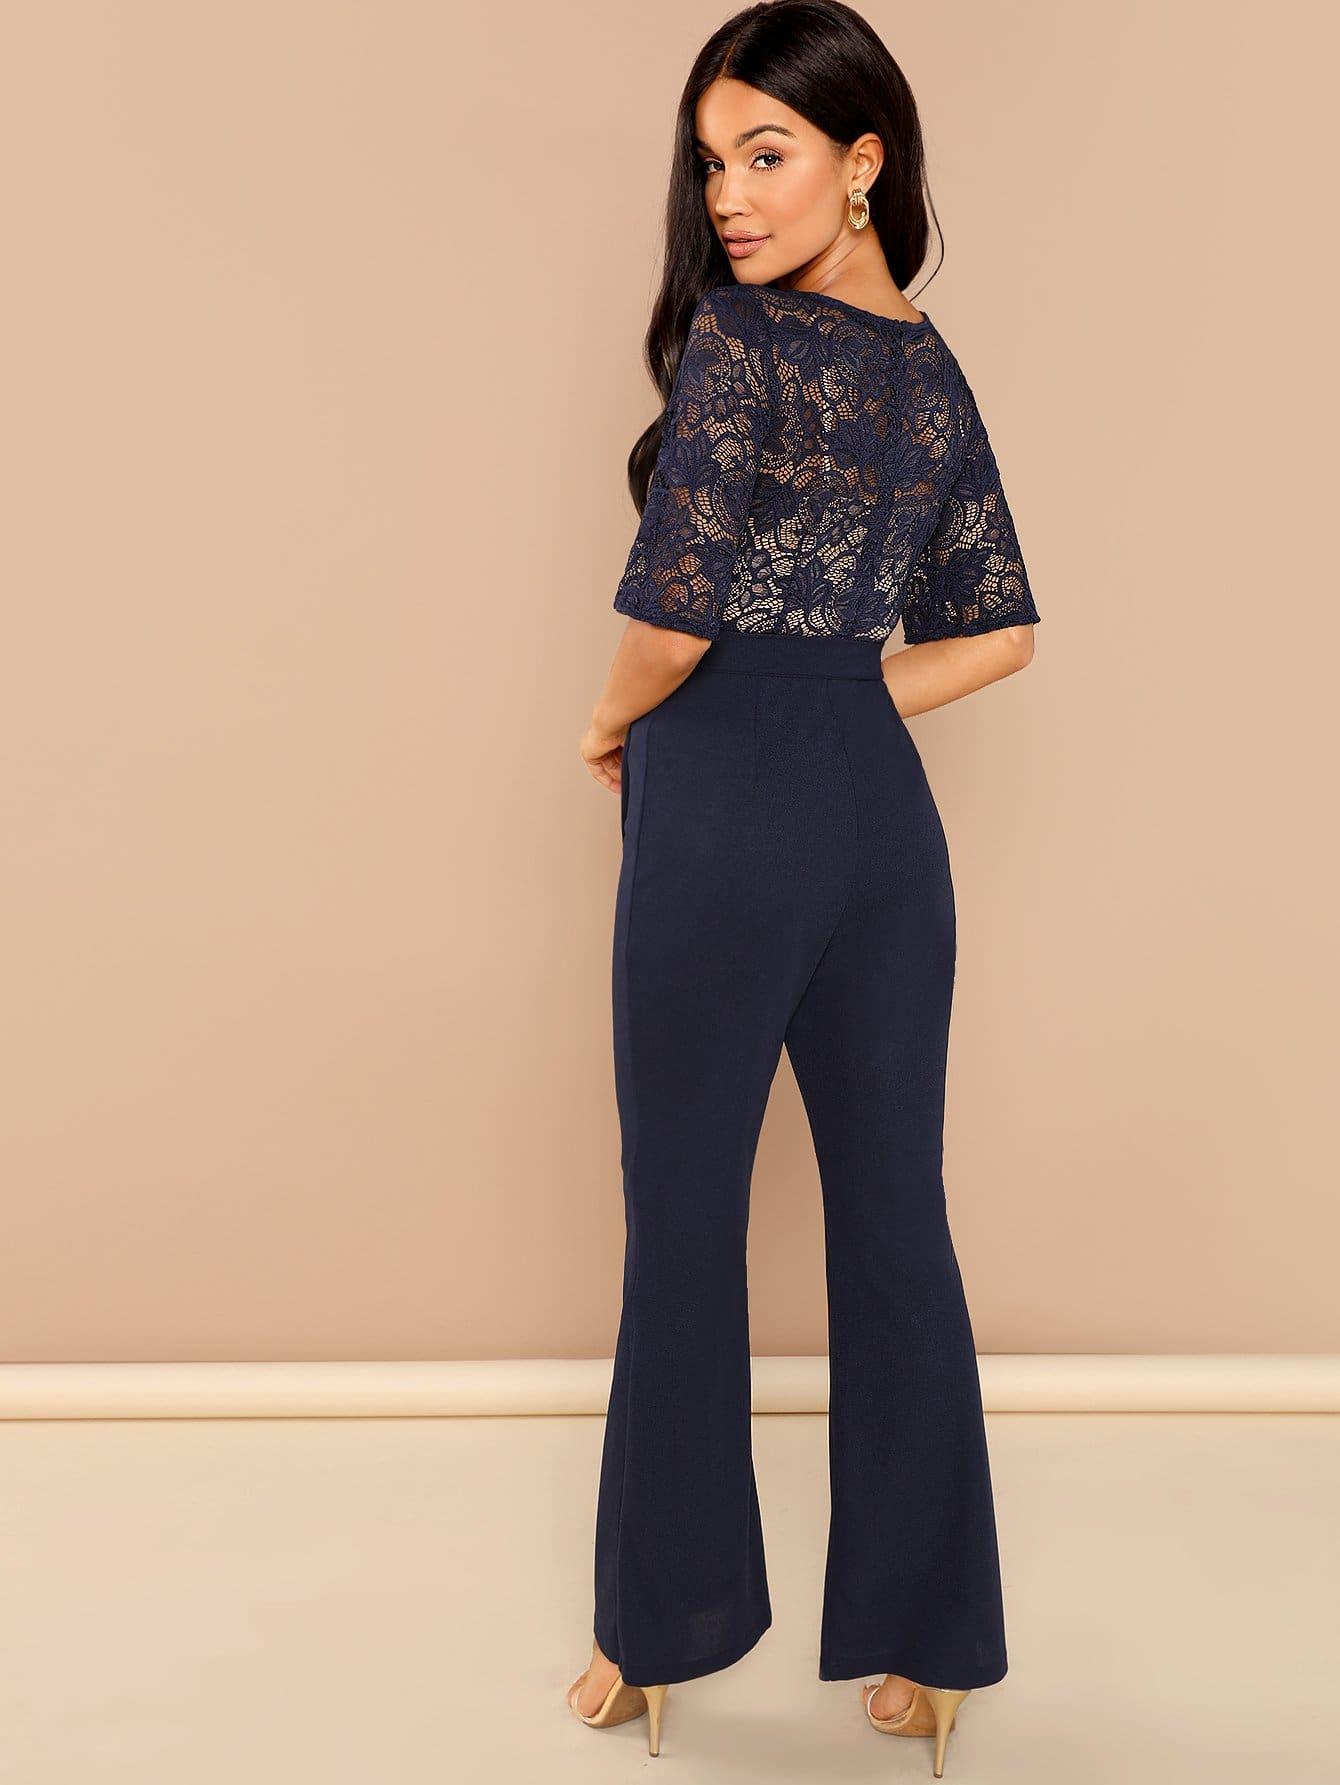 589848064e8 Cheap Lace Contrast Waist Belted Wide Leg Jumpsuit for sale Australia